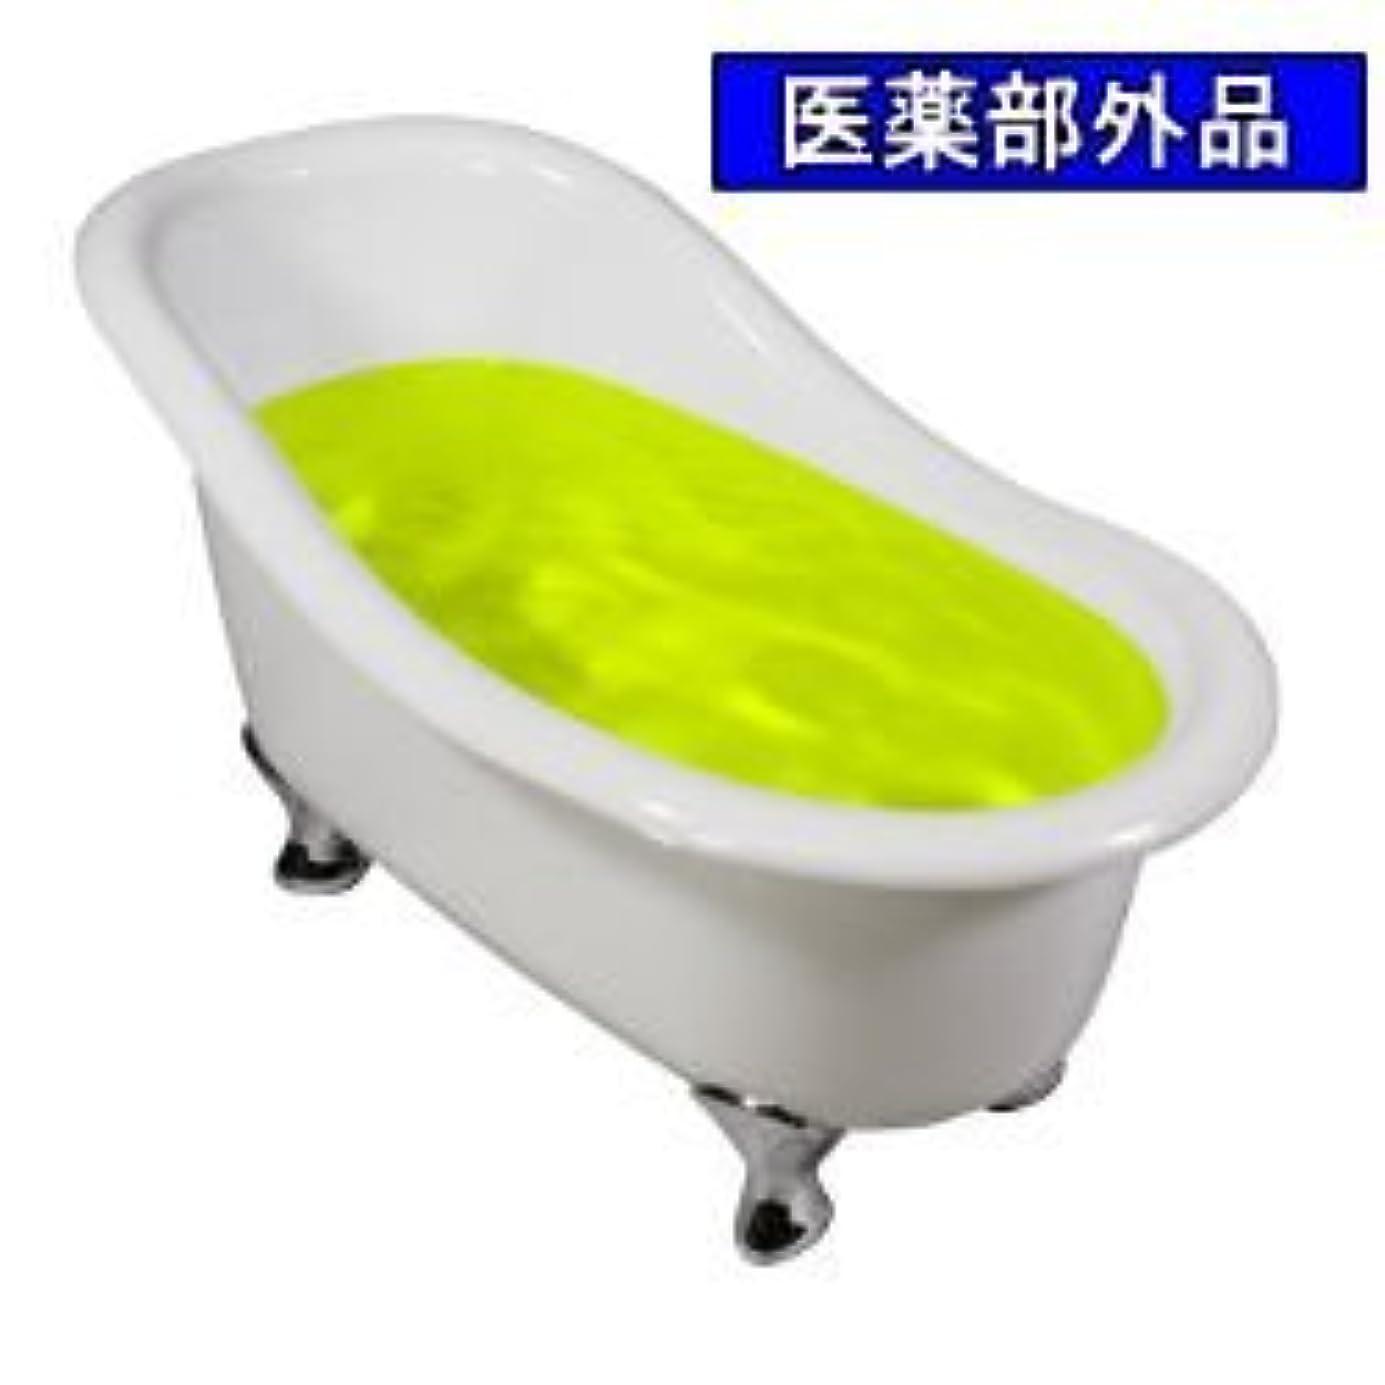 シルクリボン王女業務用薬用入浴剤バスフレンド レモン 17kg 医薬部外品